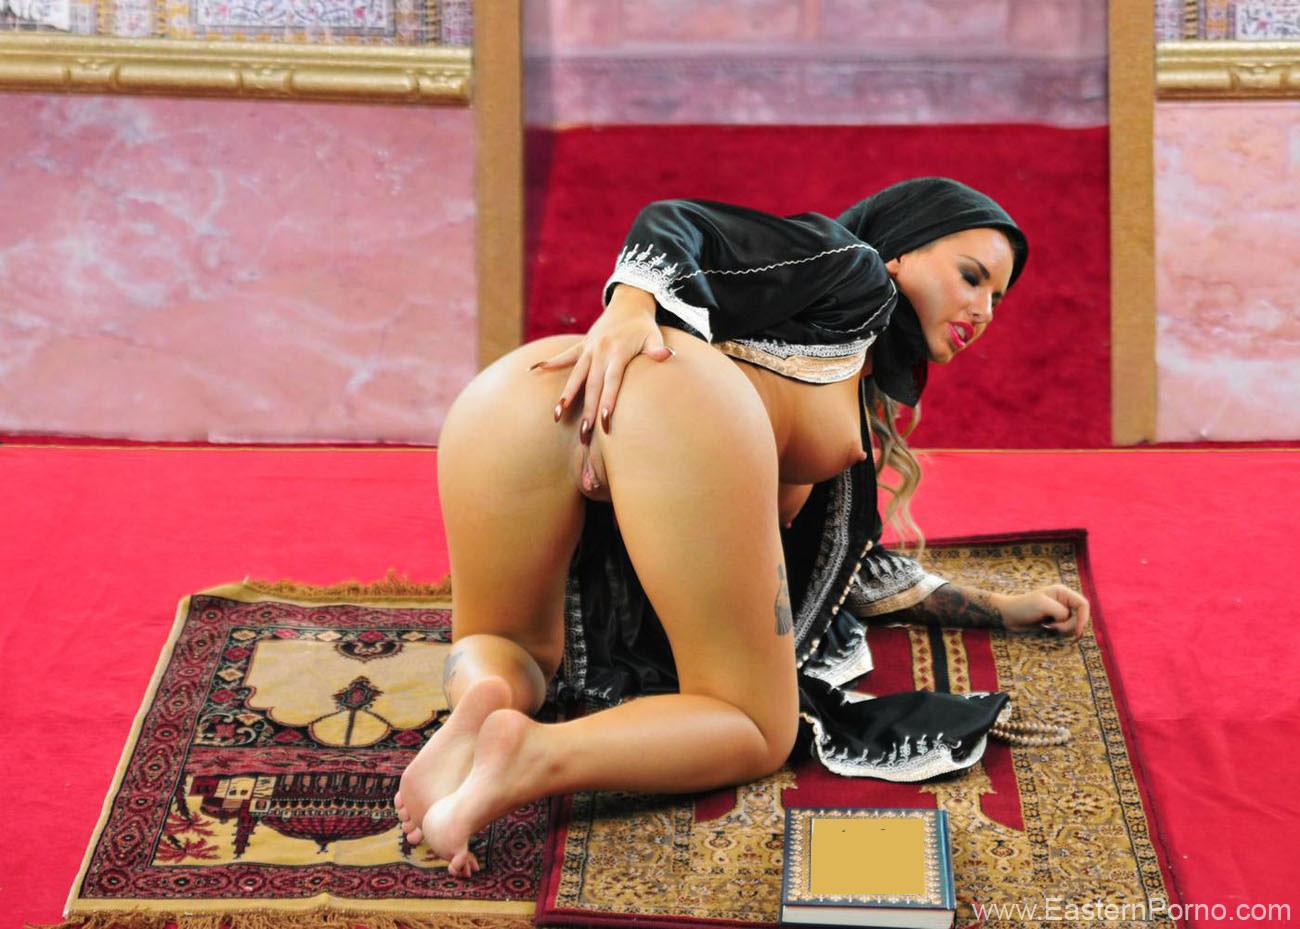 Замаскировавшись под арабскую принцессу Кристи Мак занимается мастурбацией